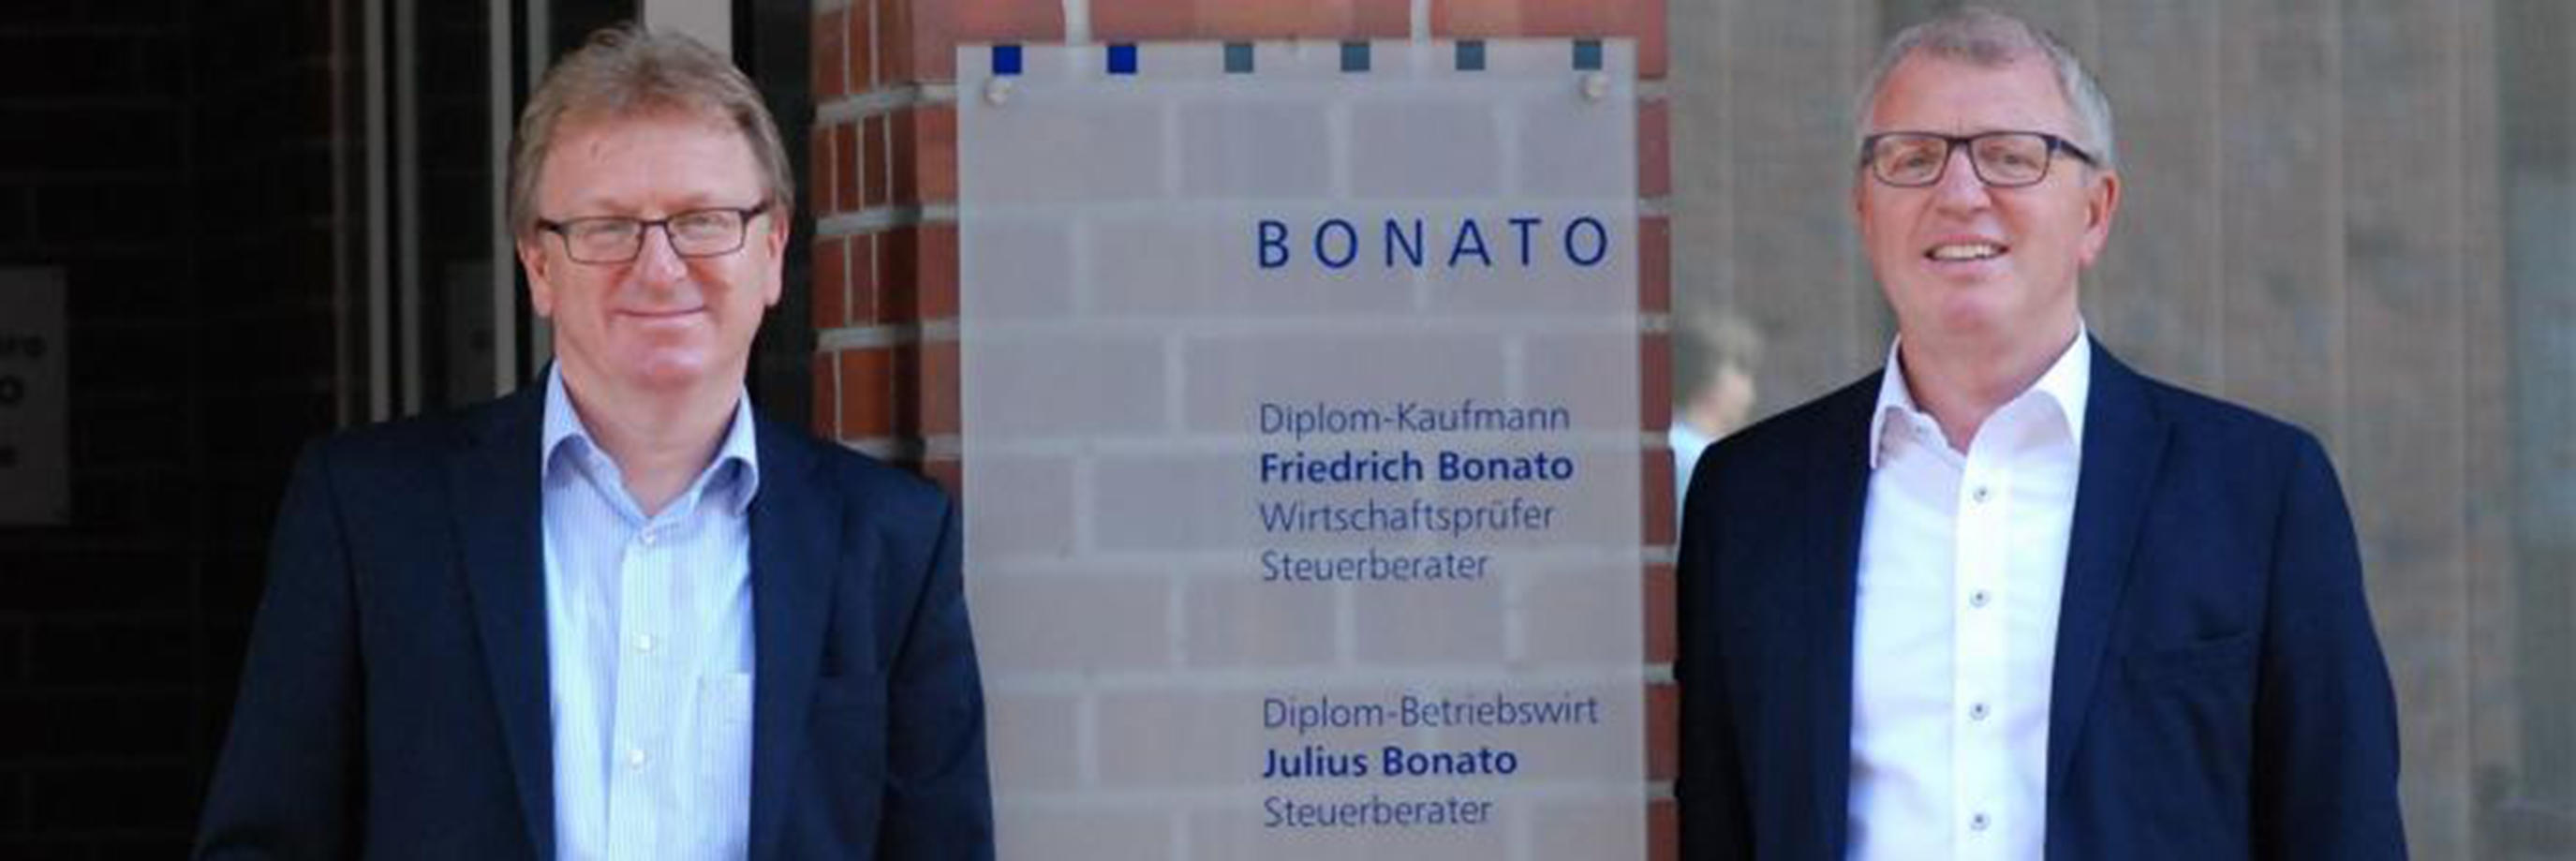 Friedrich u. Julius Bonato Wirtschaftsprüfer Steuerberater